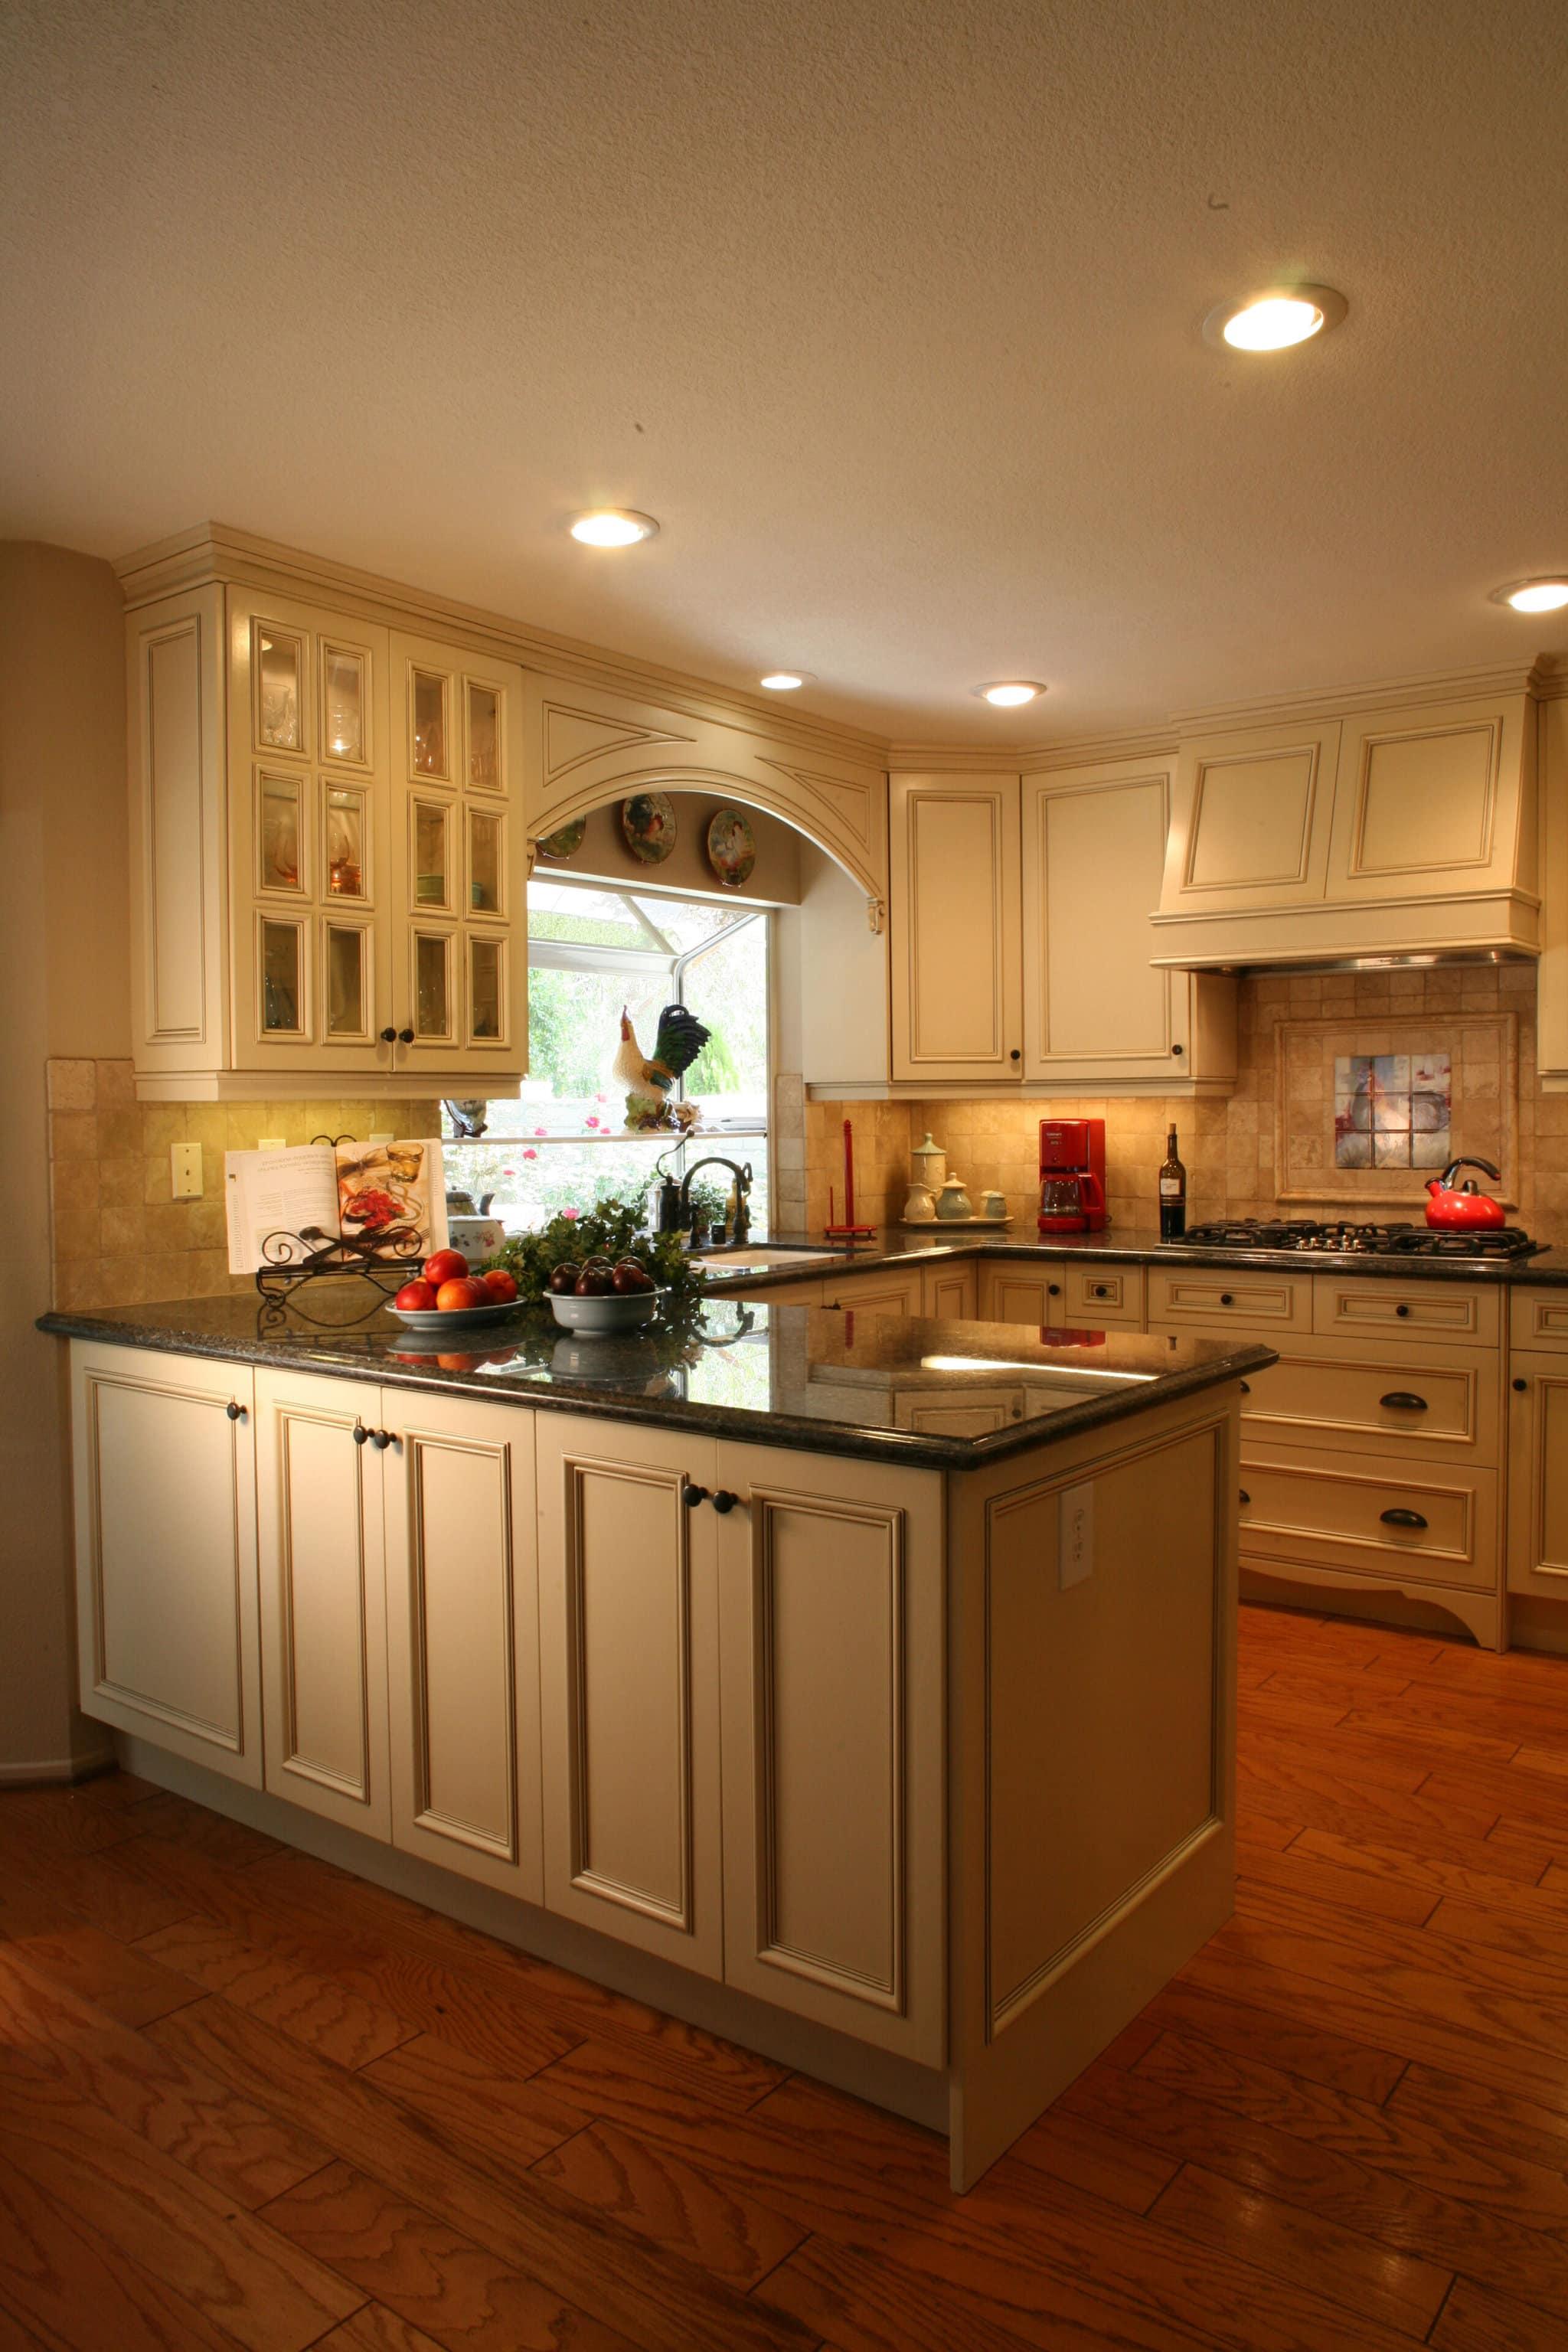 kitchenportfolio (25)